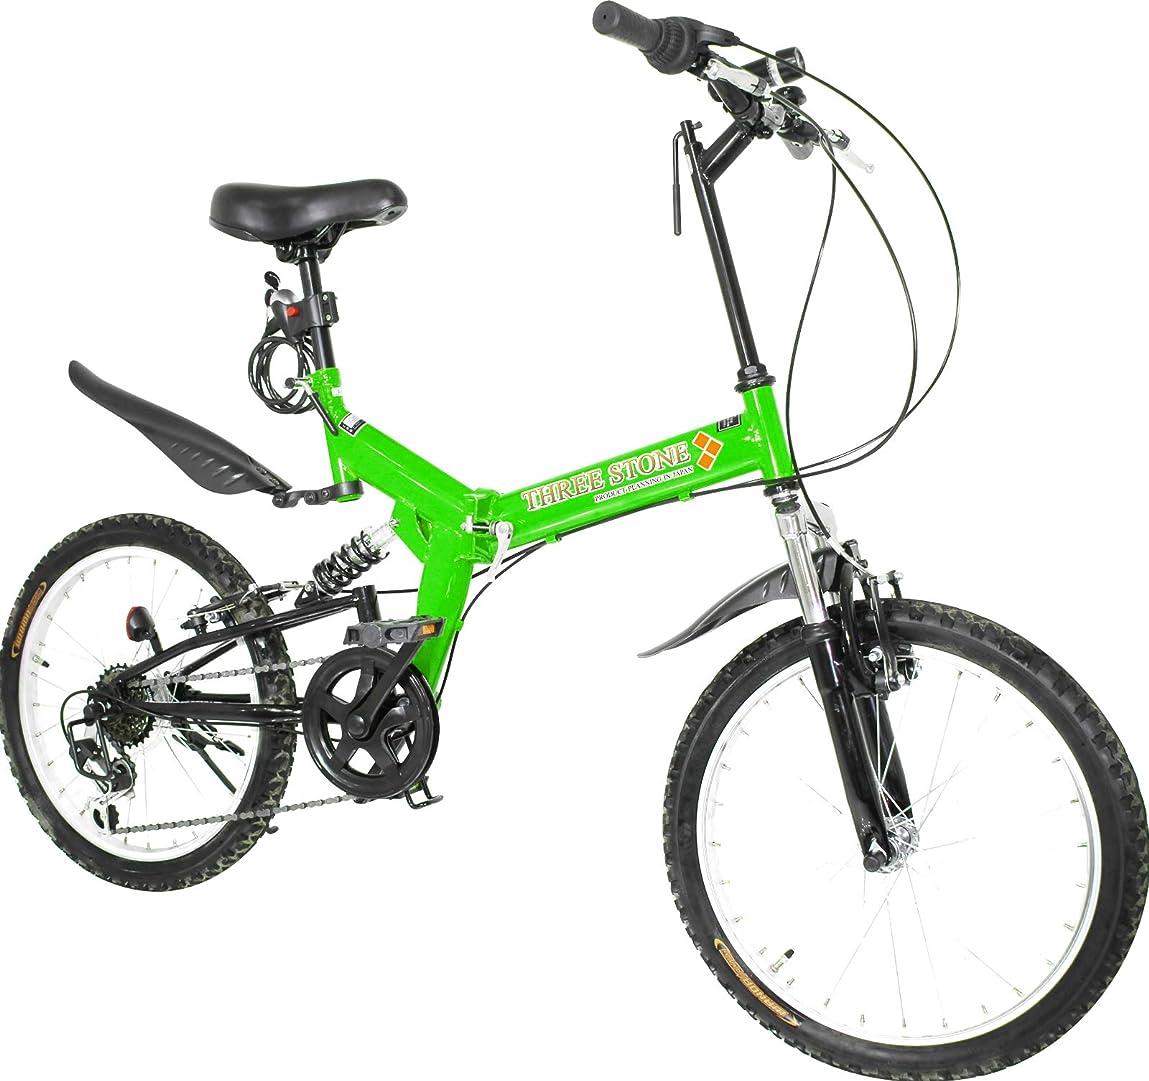 びっくりするドア評価可能折りたたみ自転車 マウンテンバイク AJ-G-01 フルサスペンション MTB 20インチ フロントライト?ワイヤーロック錠サービス シマノ6段変速ギア